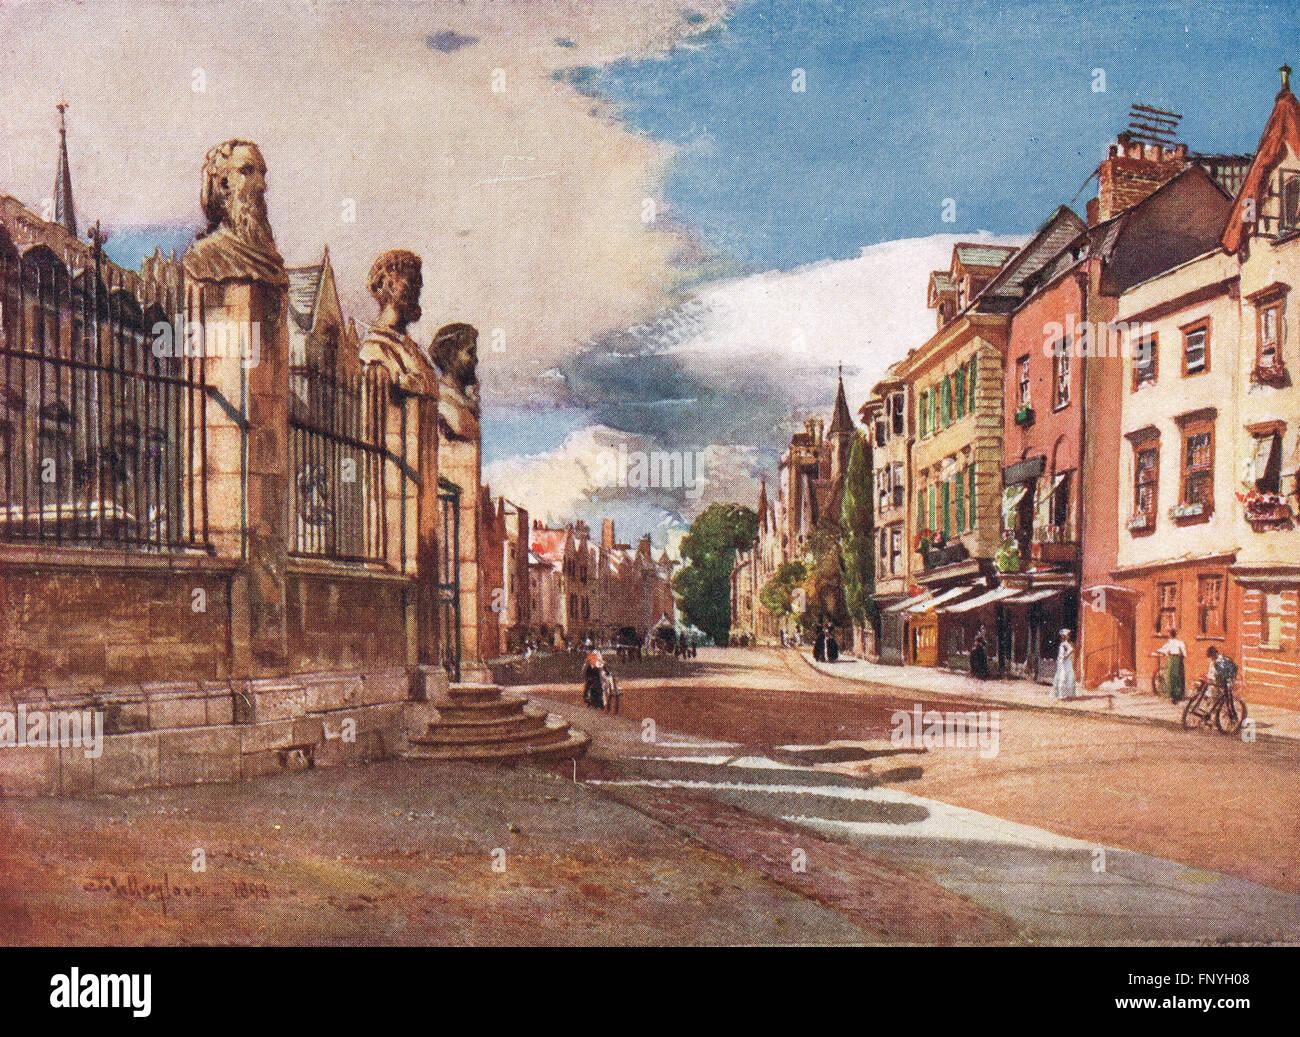 St & les statues de l'Sheldonian Theatre d'Oxford, début du xxe siècle Photo Stock